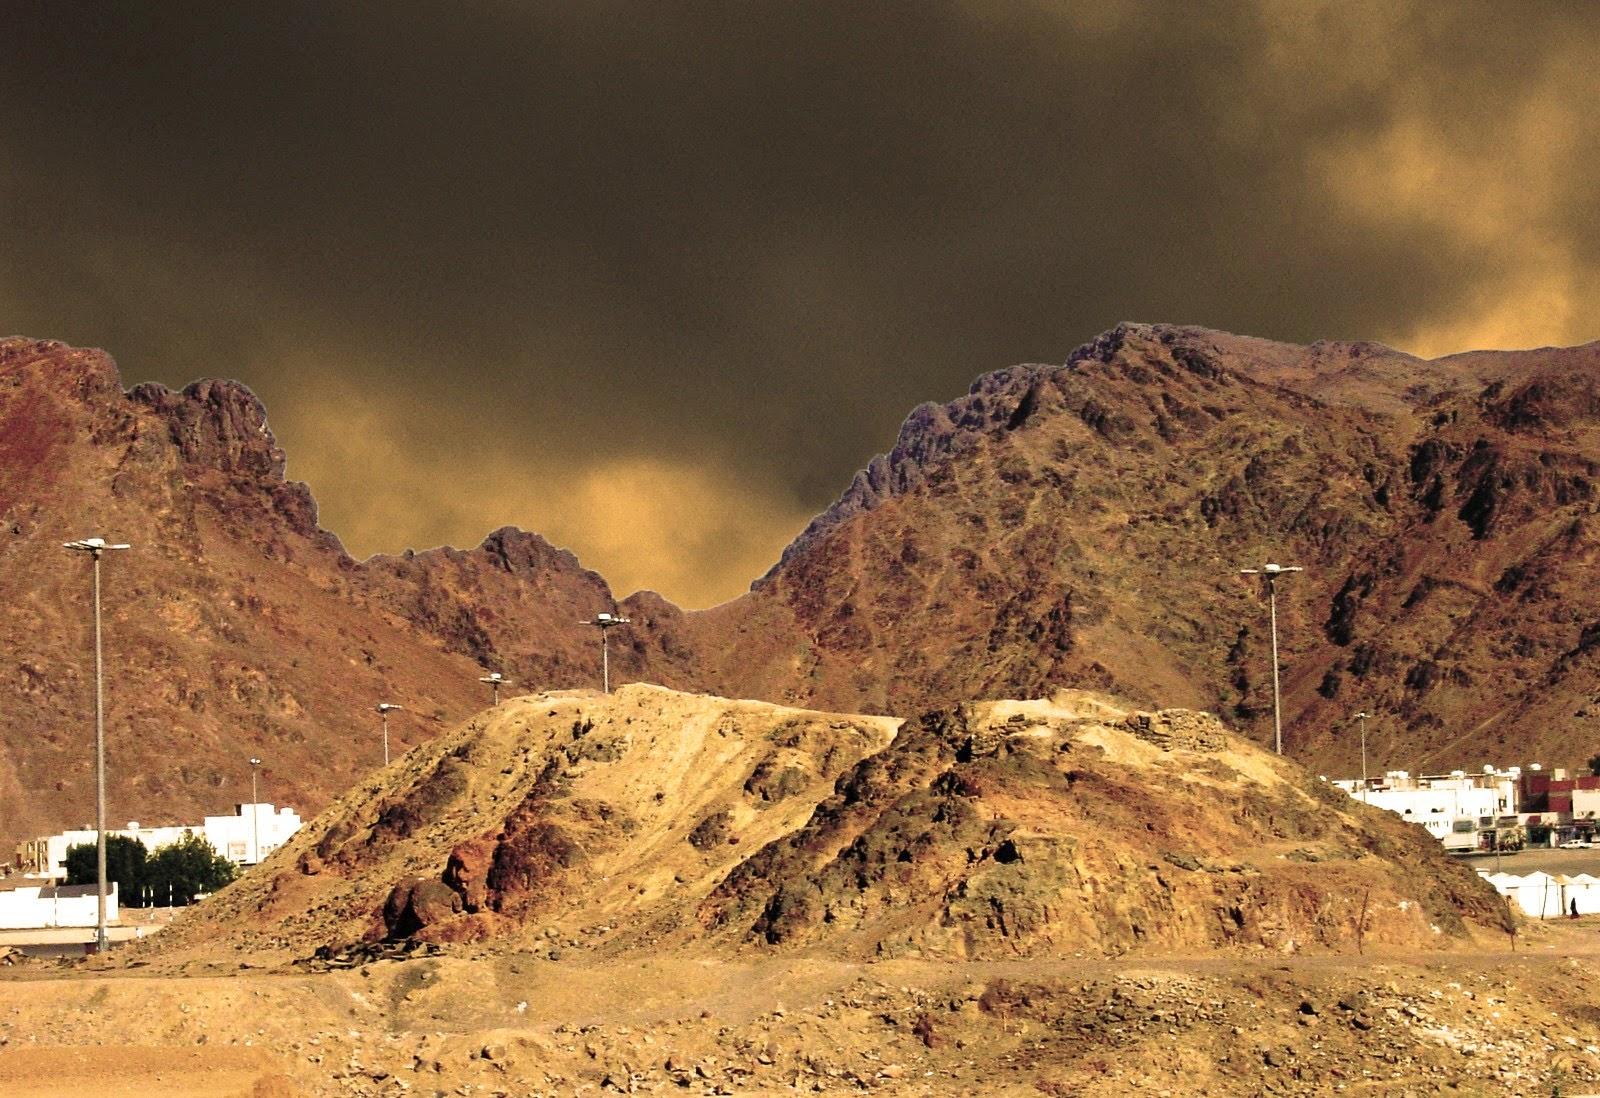 معلومات مهمة عن جبل احد المرسال